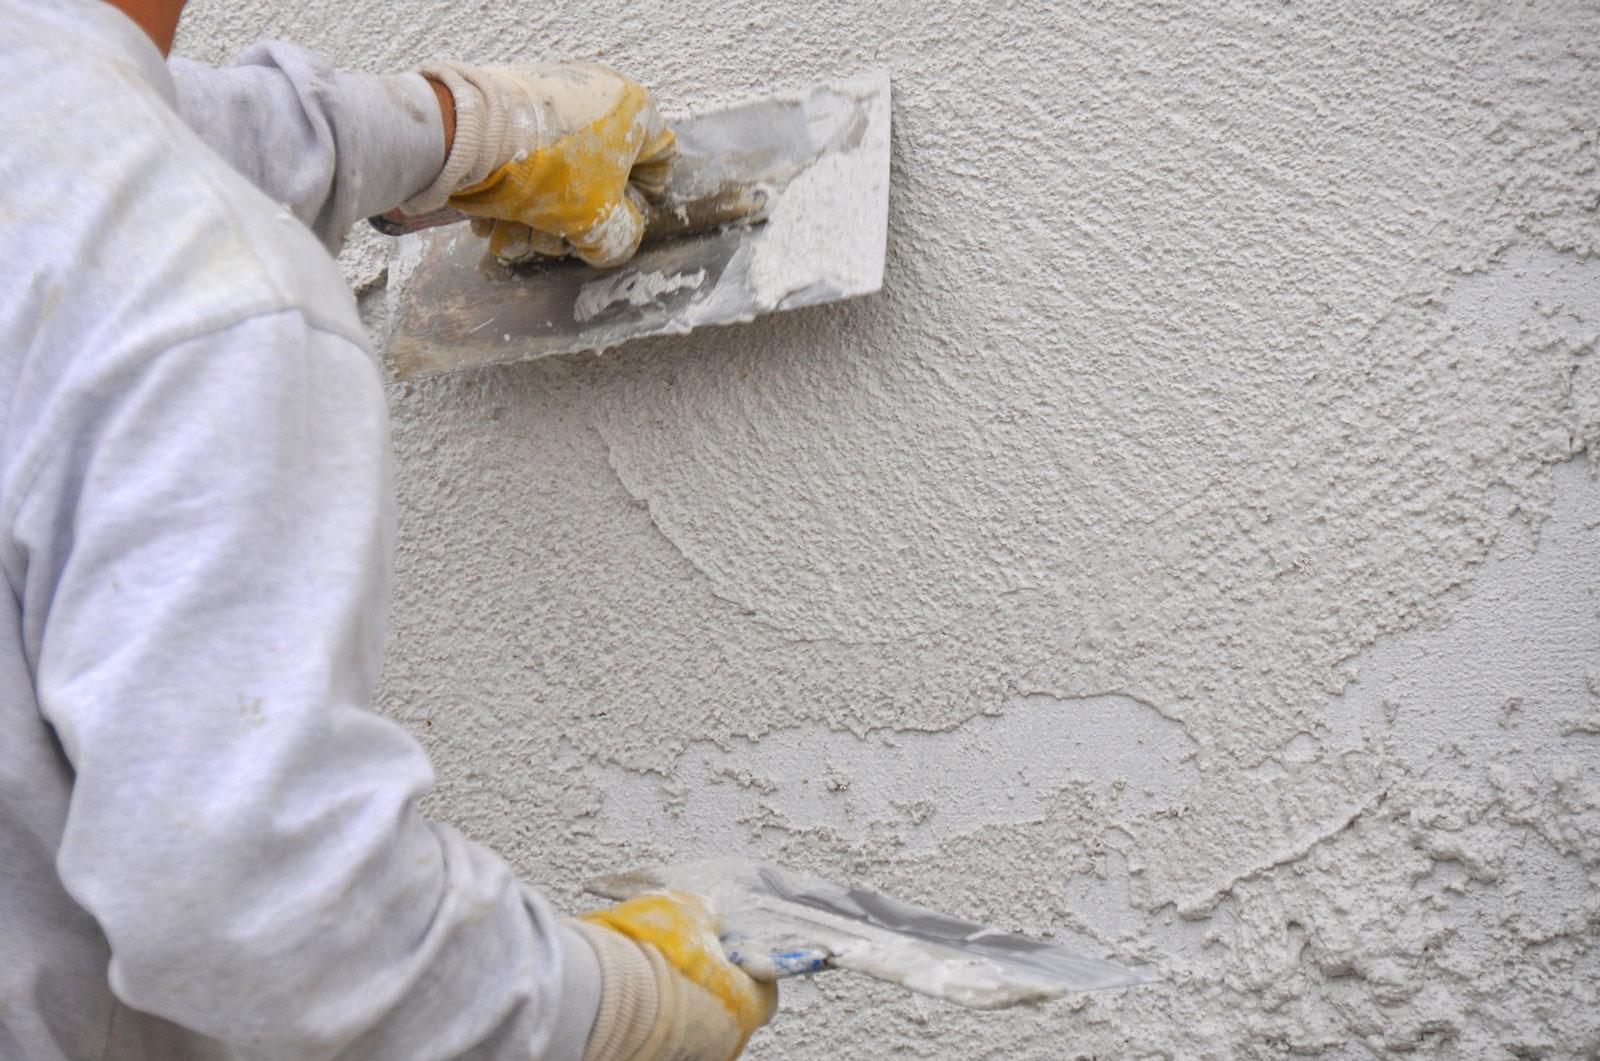 технология нанесения цементной штукатурки